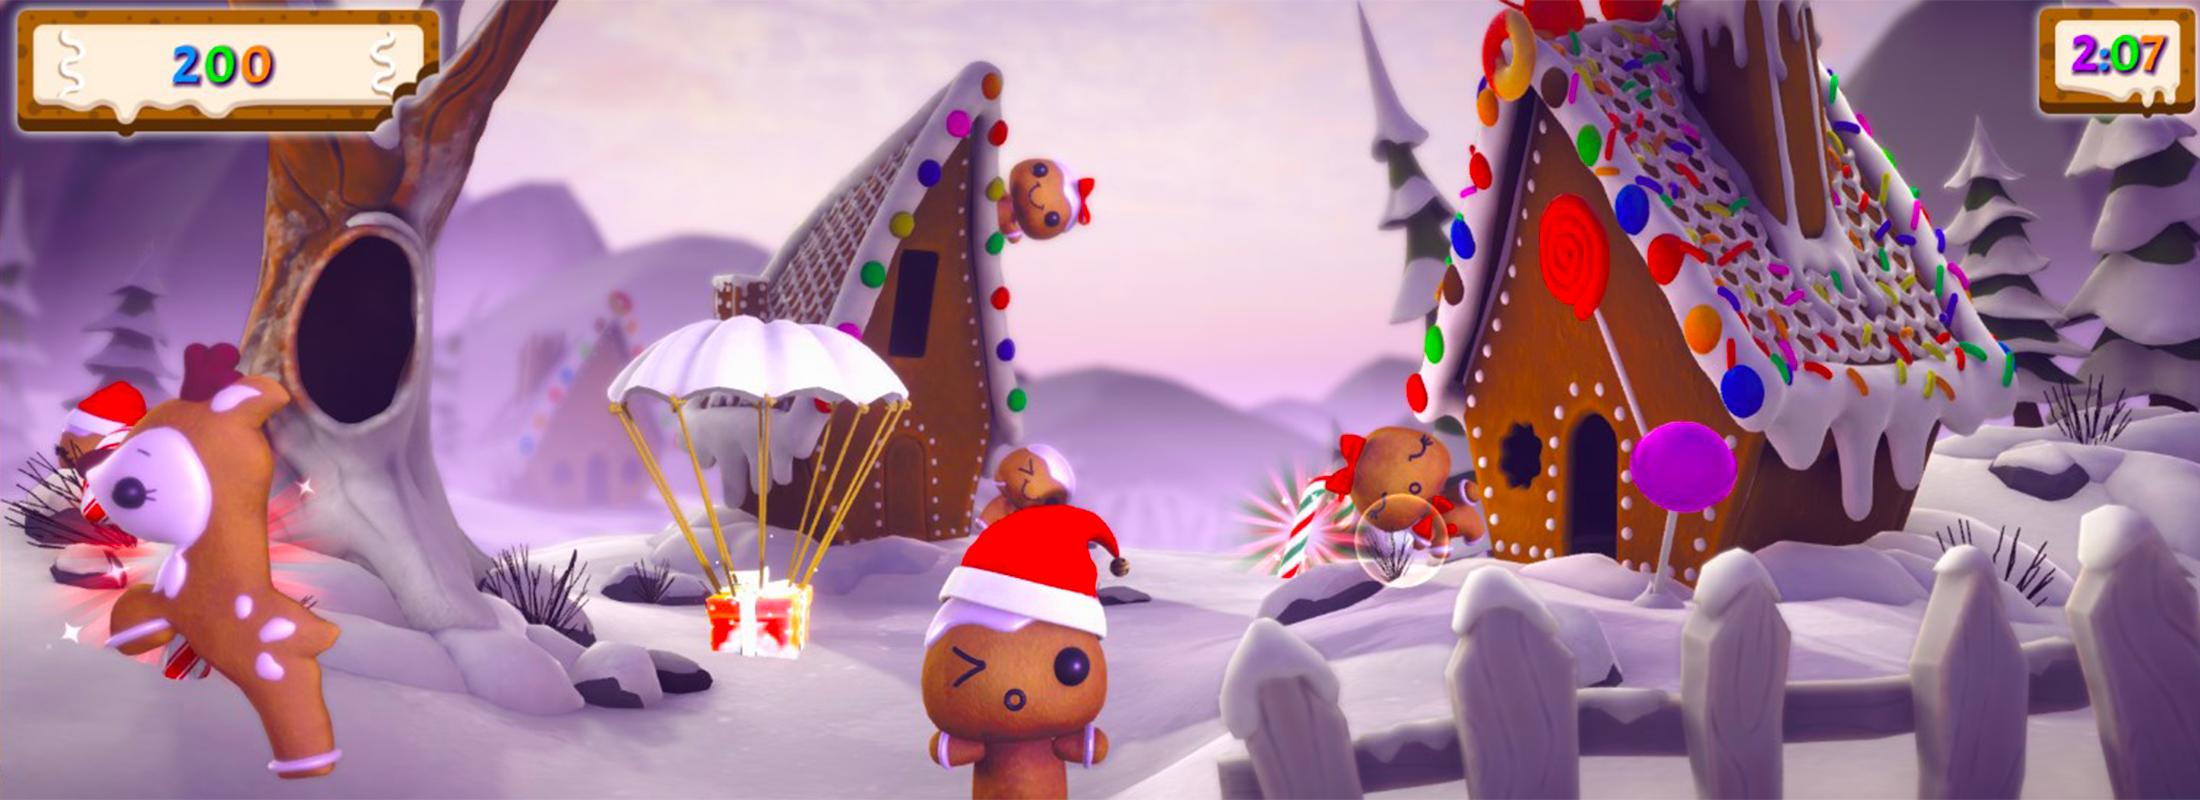 Winter mayhem gameplay picture 1